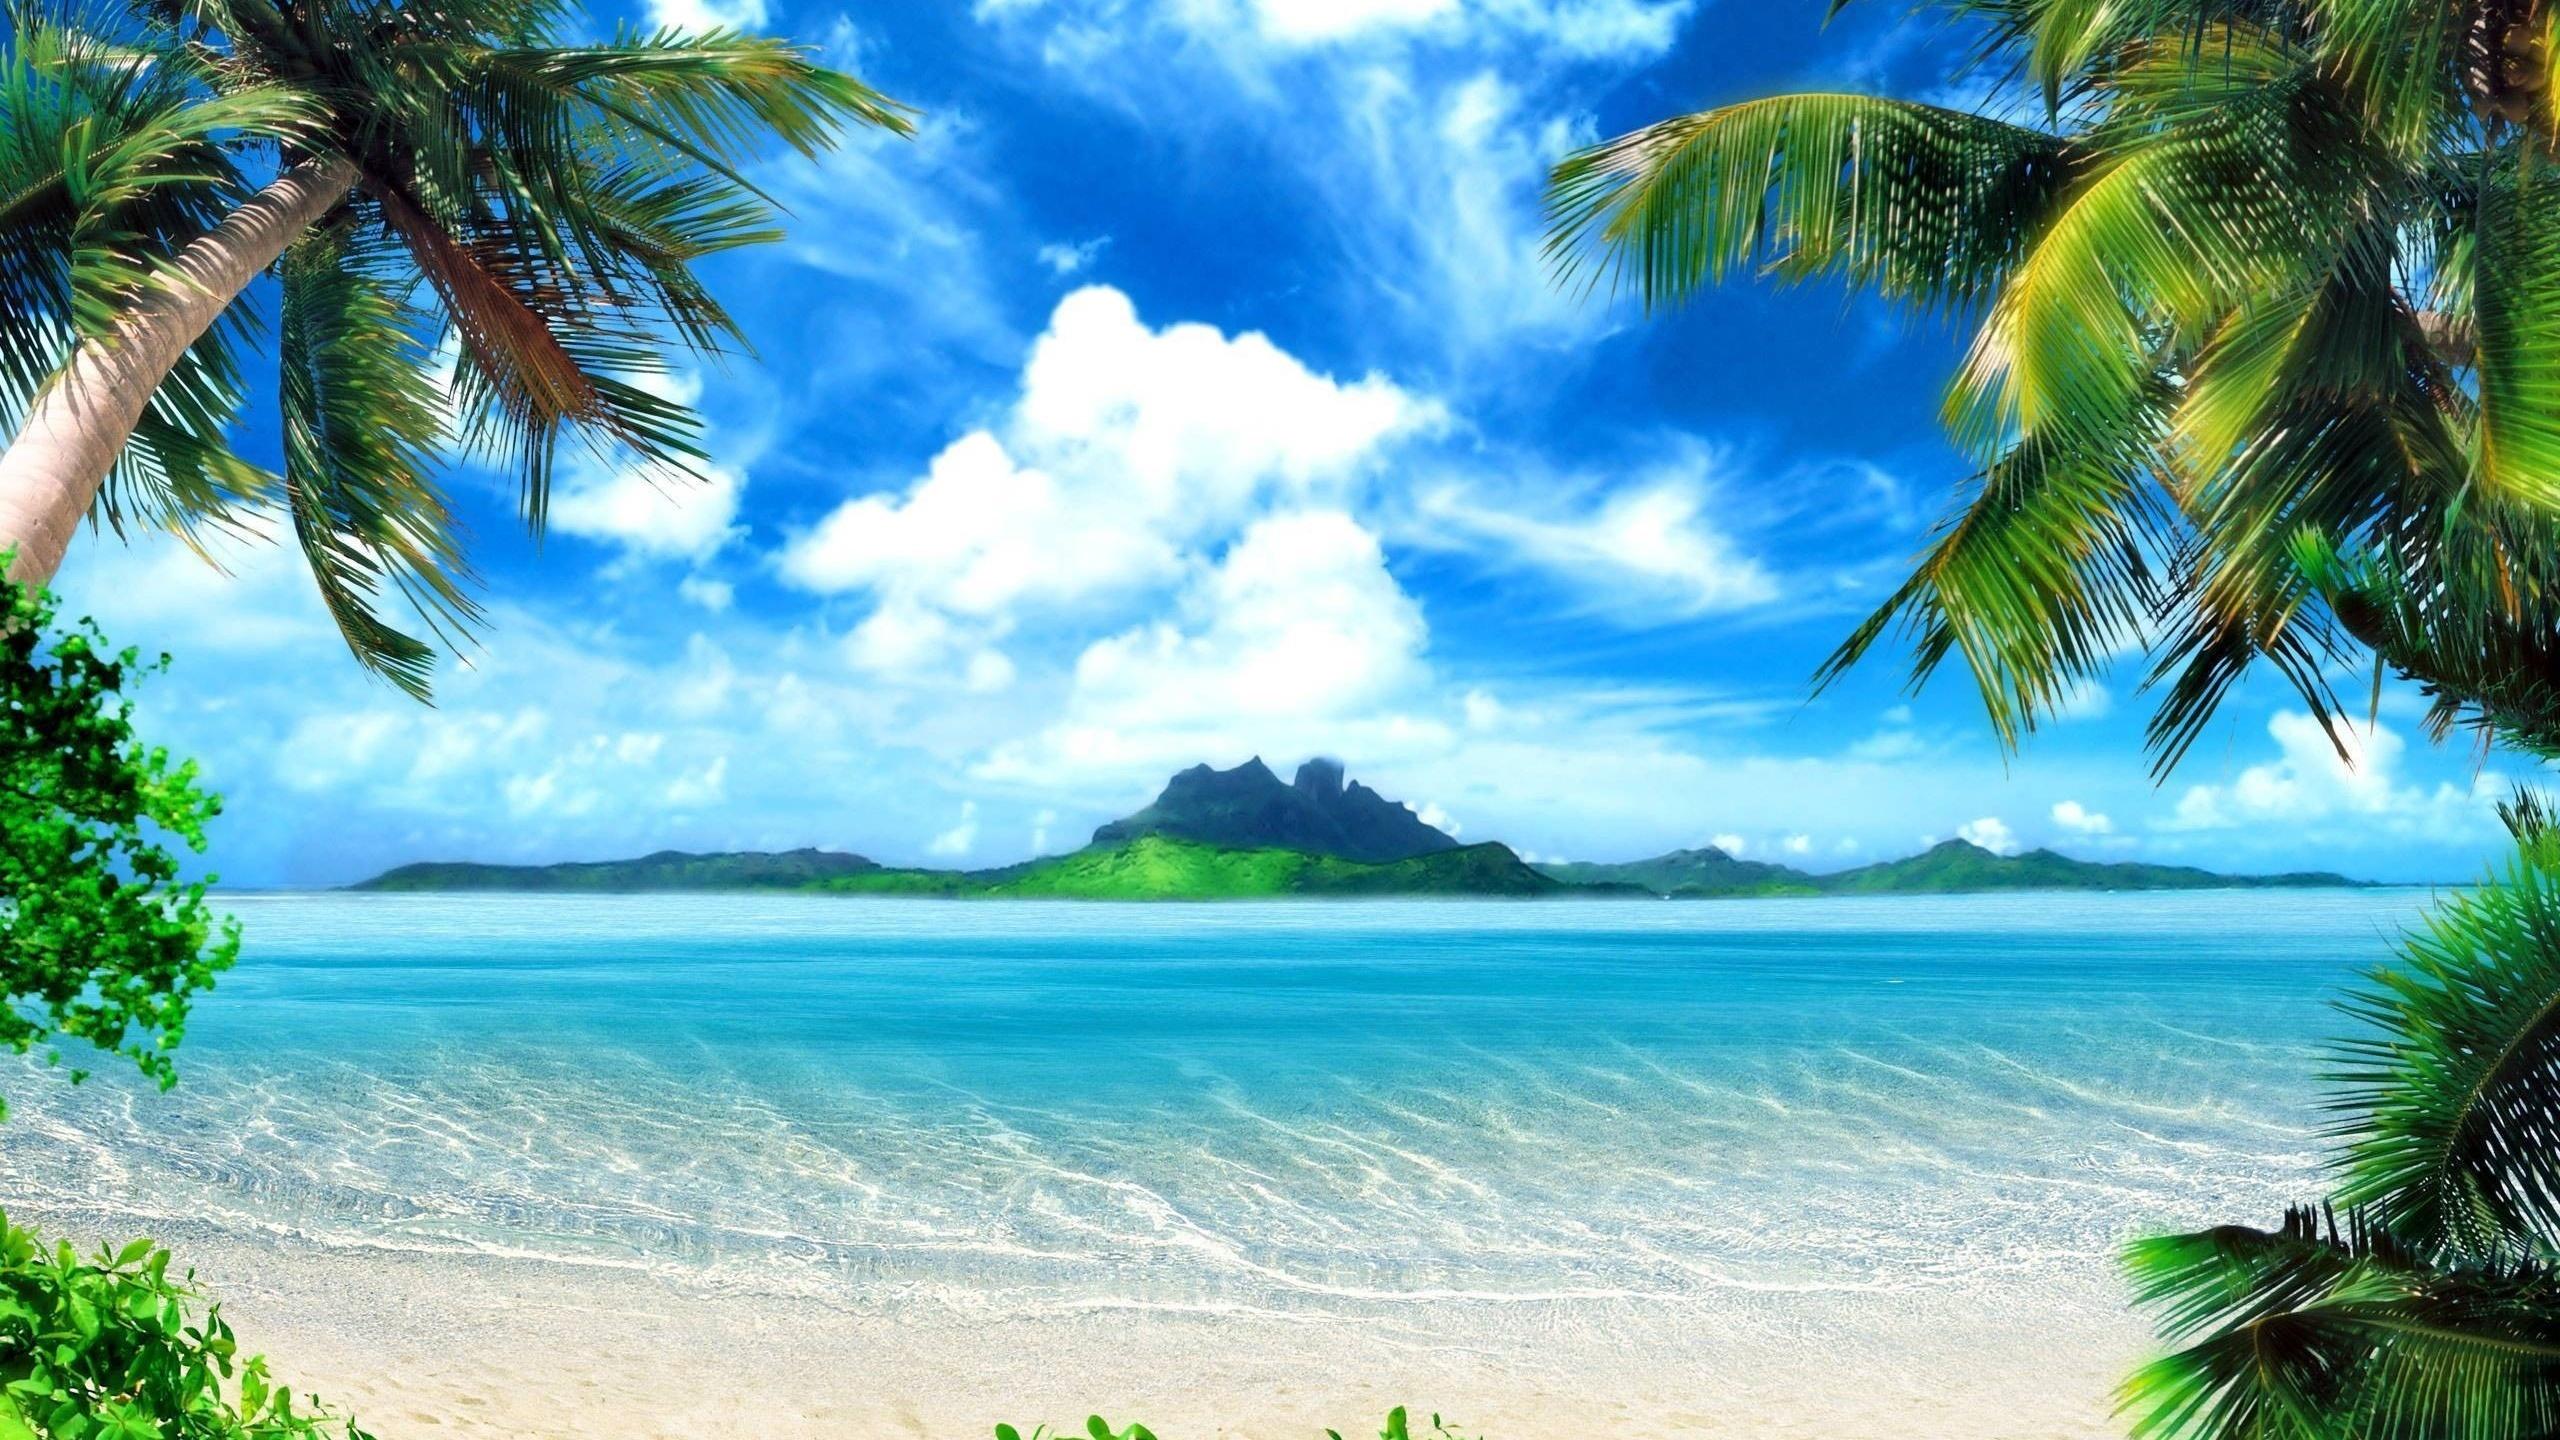 19373 скачать обои Пейзаж, Море, Пляж, Пальмы - заставки и картинки бесплатно